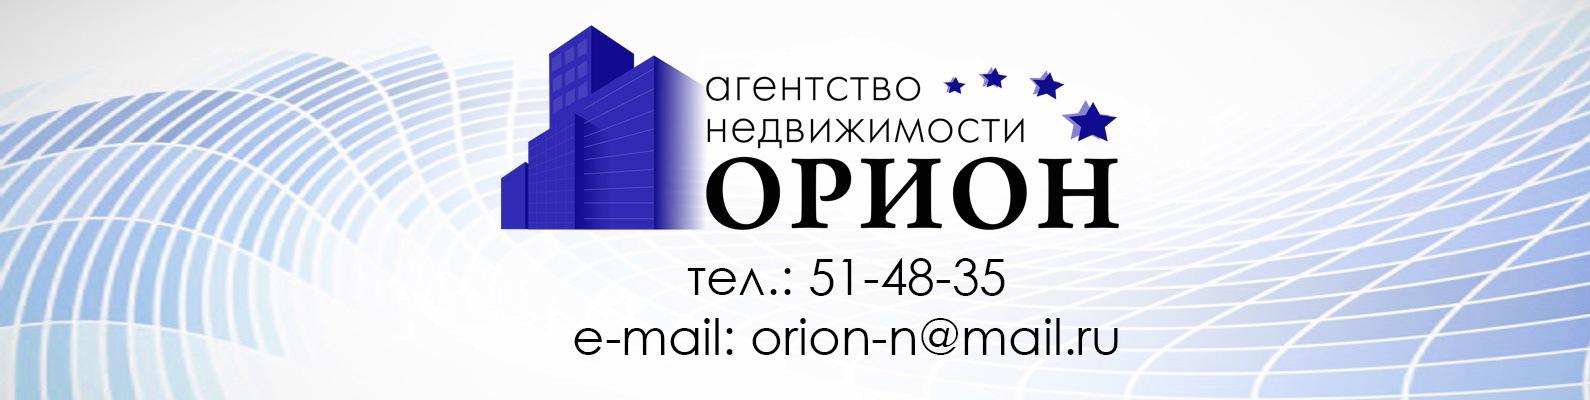 Орион агентство недвижимости отзывы